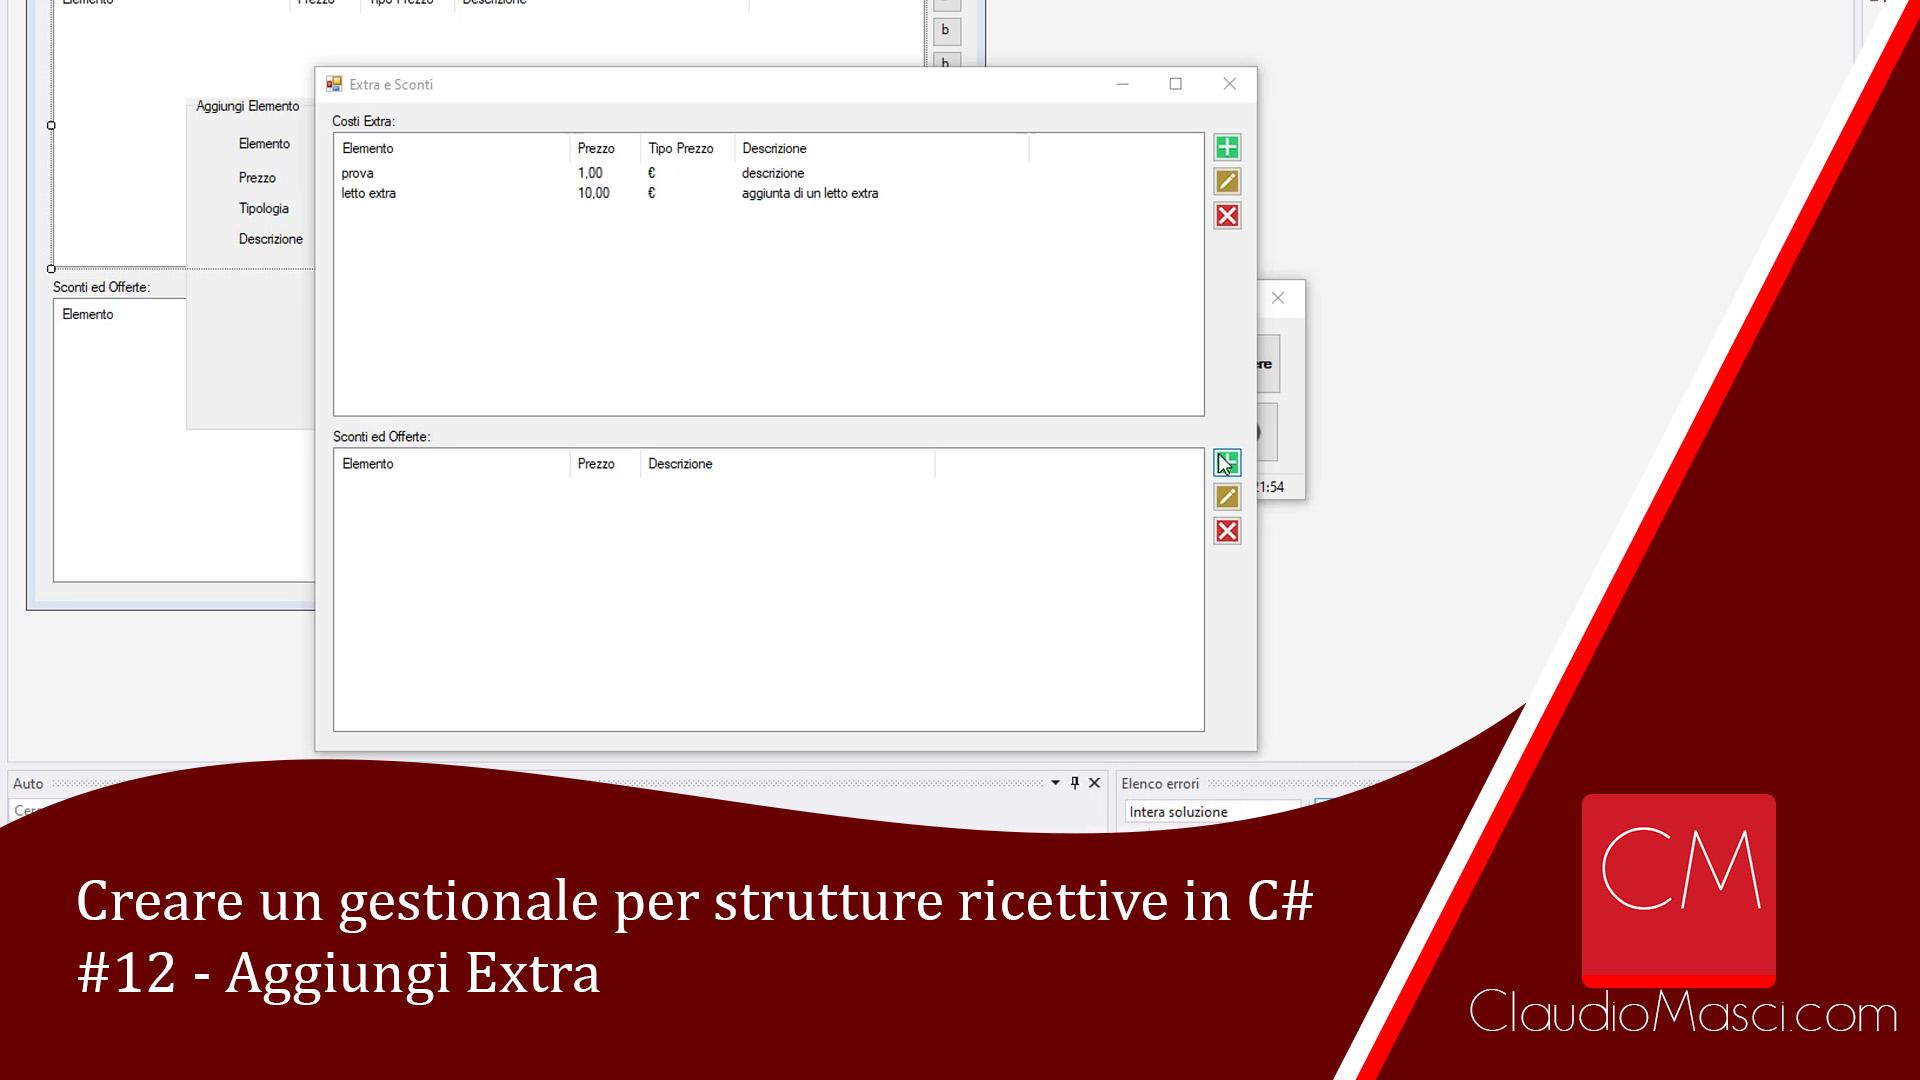 Creare un gestionale per strutture ricettive in C# – #12 – Aggiungi Extra